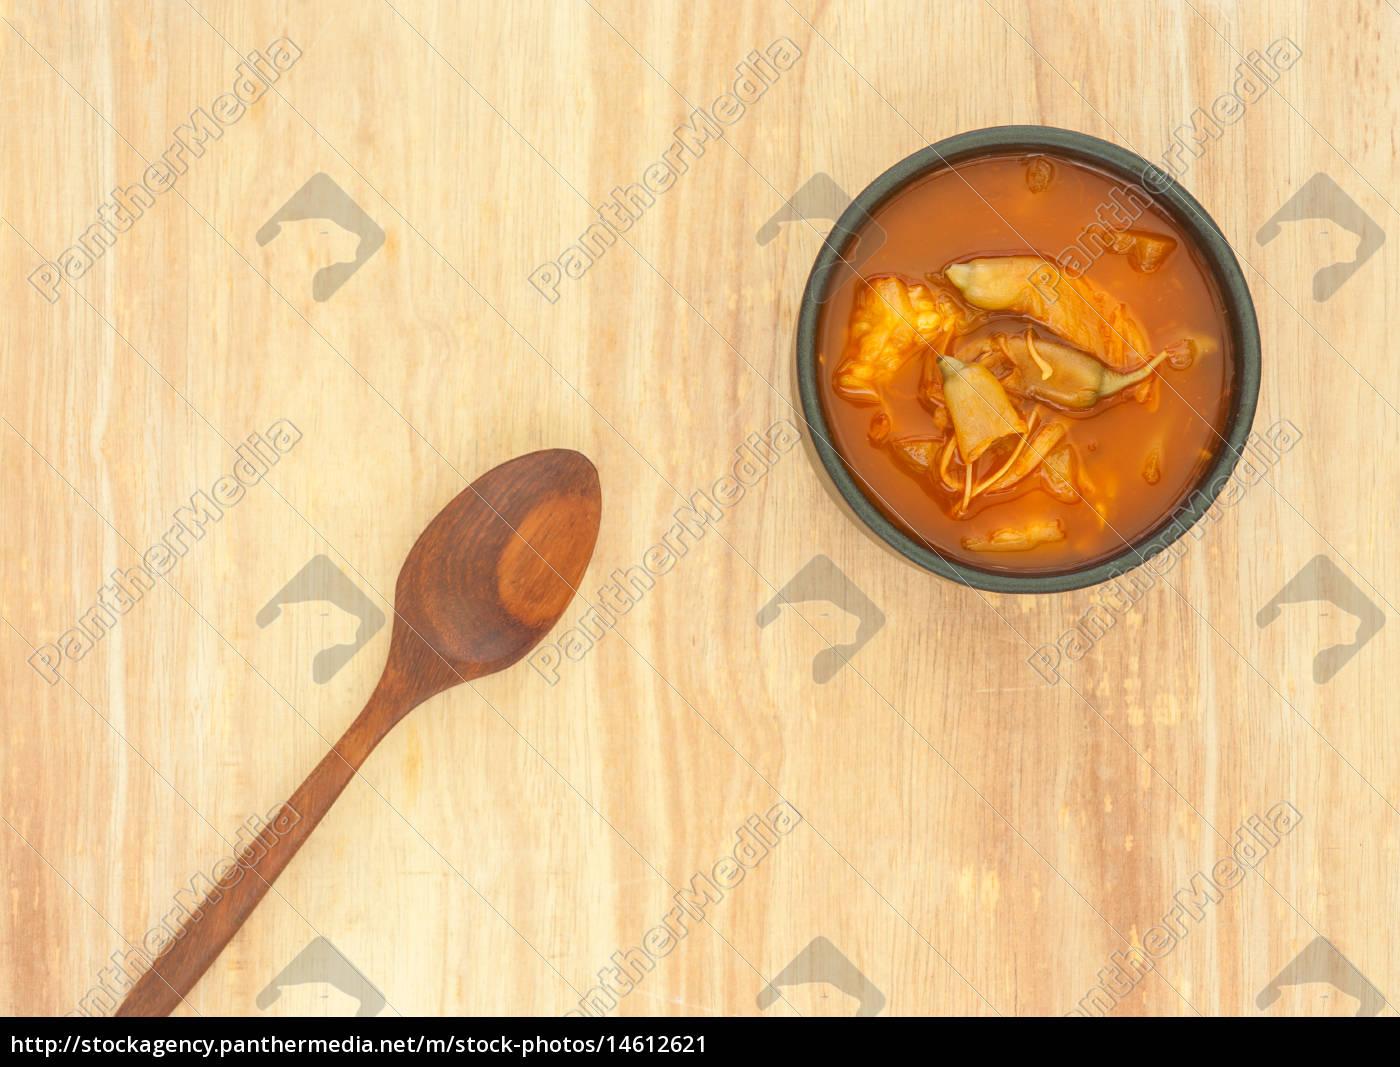 würzige, saure, suppe, gemüse, auf, holzuntergrund - 14612621